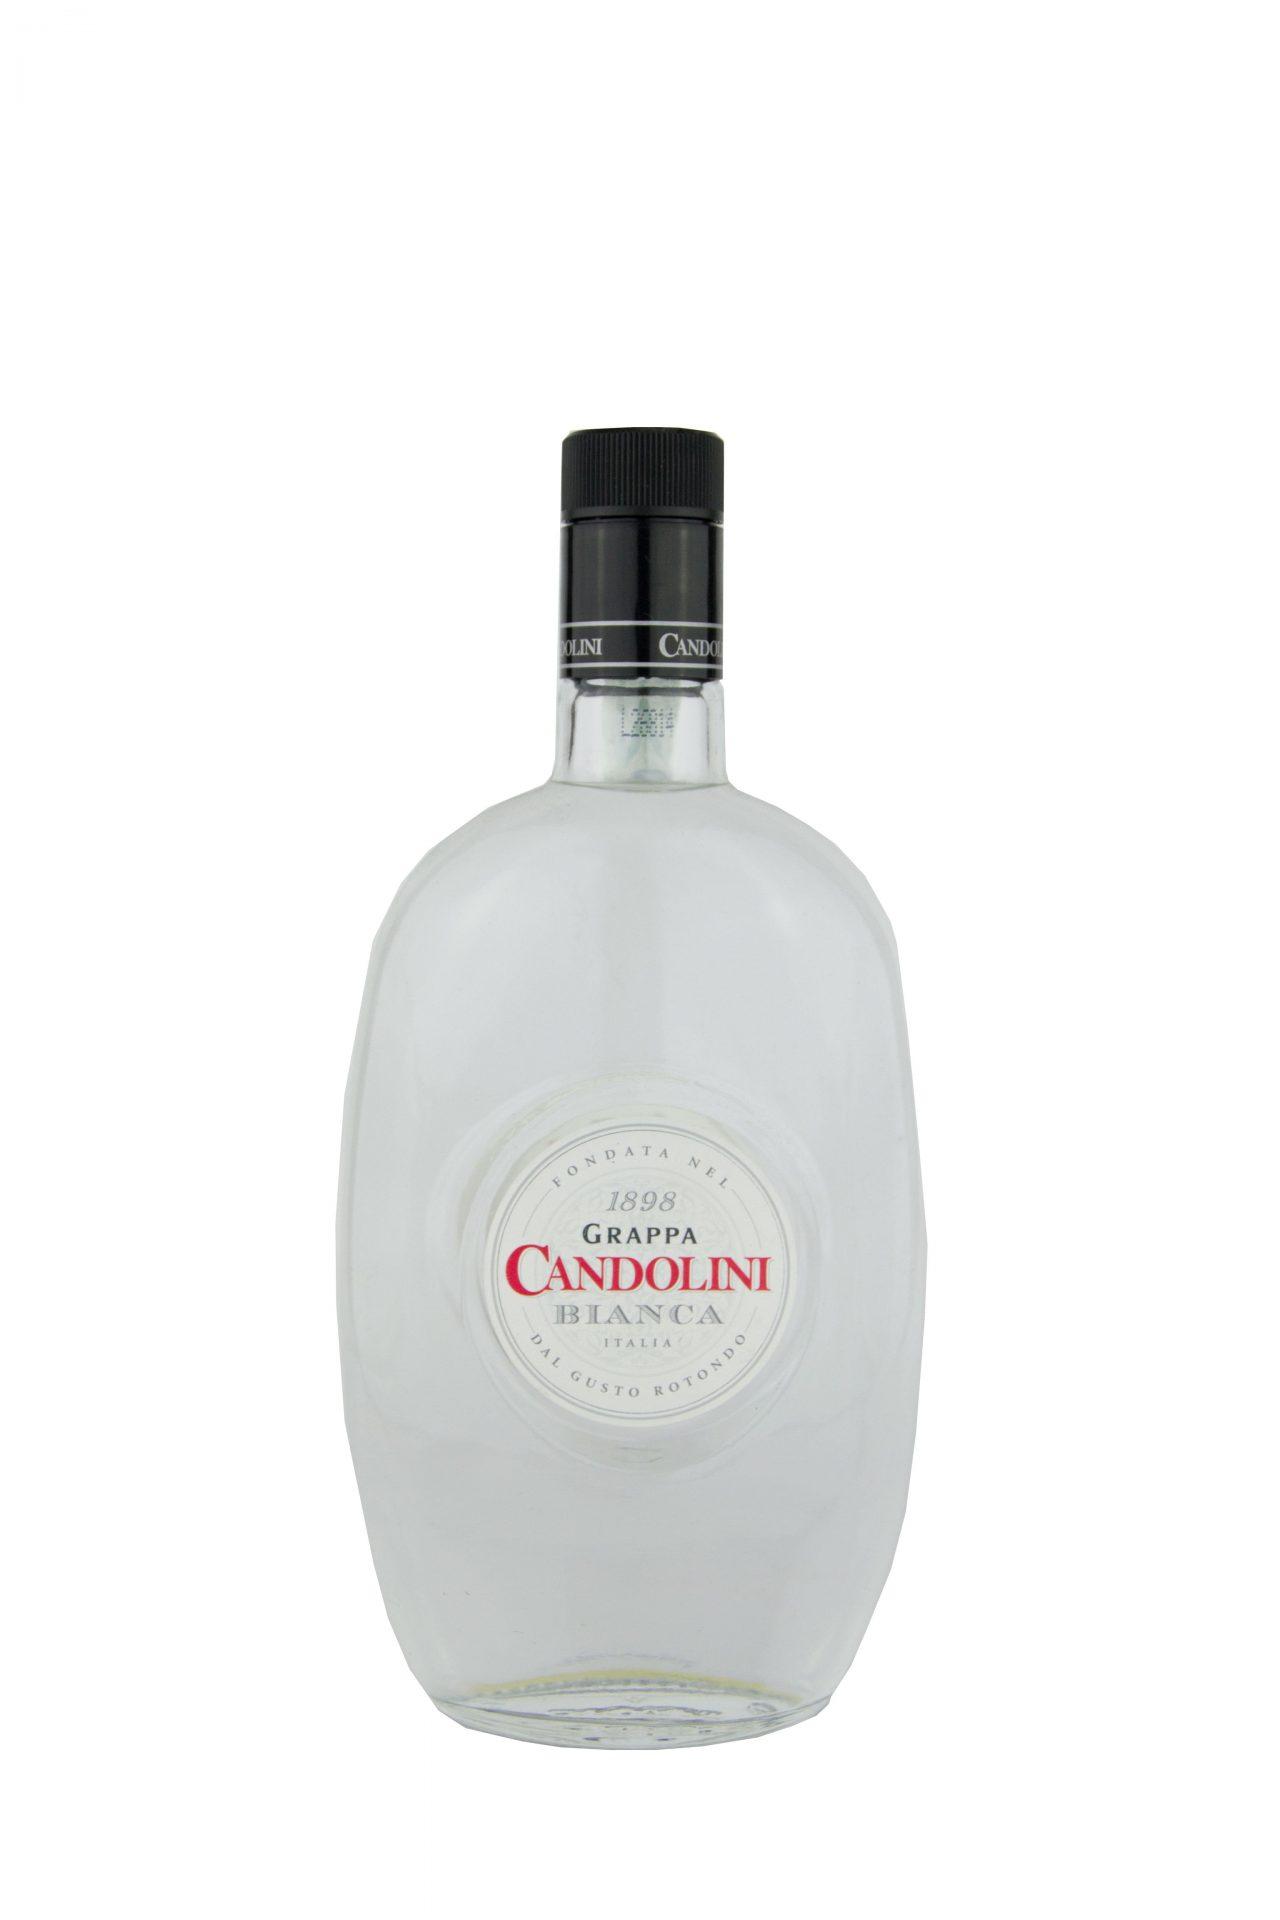 Candolini – Grappa Bianca